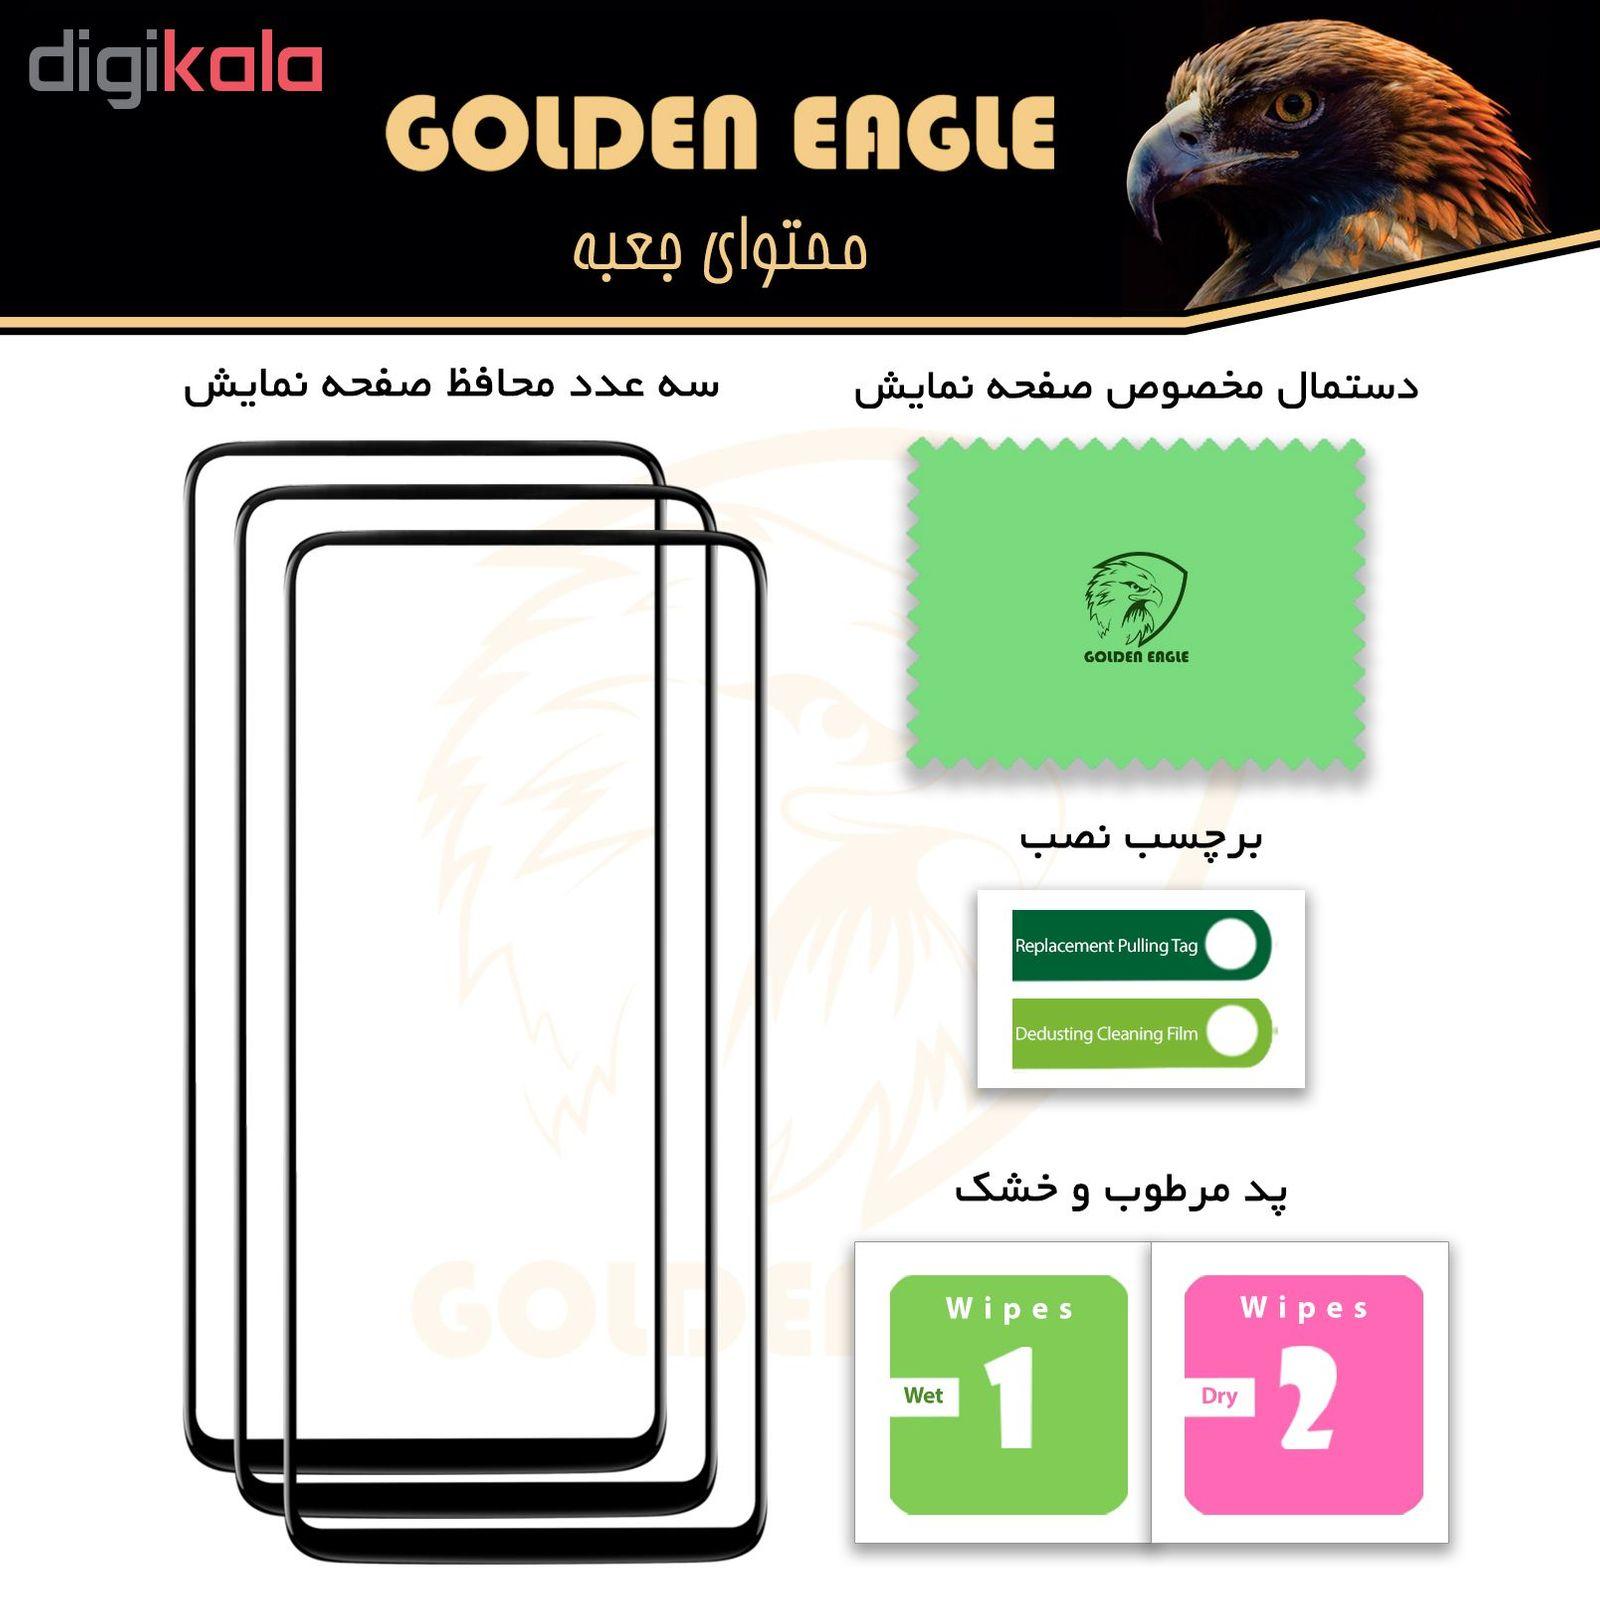 محافظ صفحه نمایش گلدن ایگل مدل DFC-X3 مناسب برای گوشی موبایل سامسونگ Galaxy M20 بسته سه عددی main 1 2